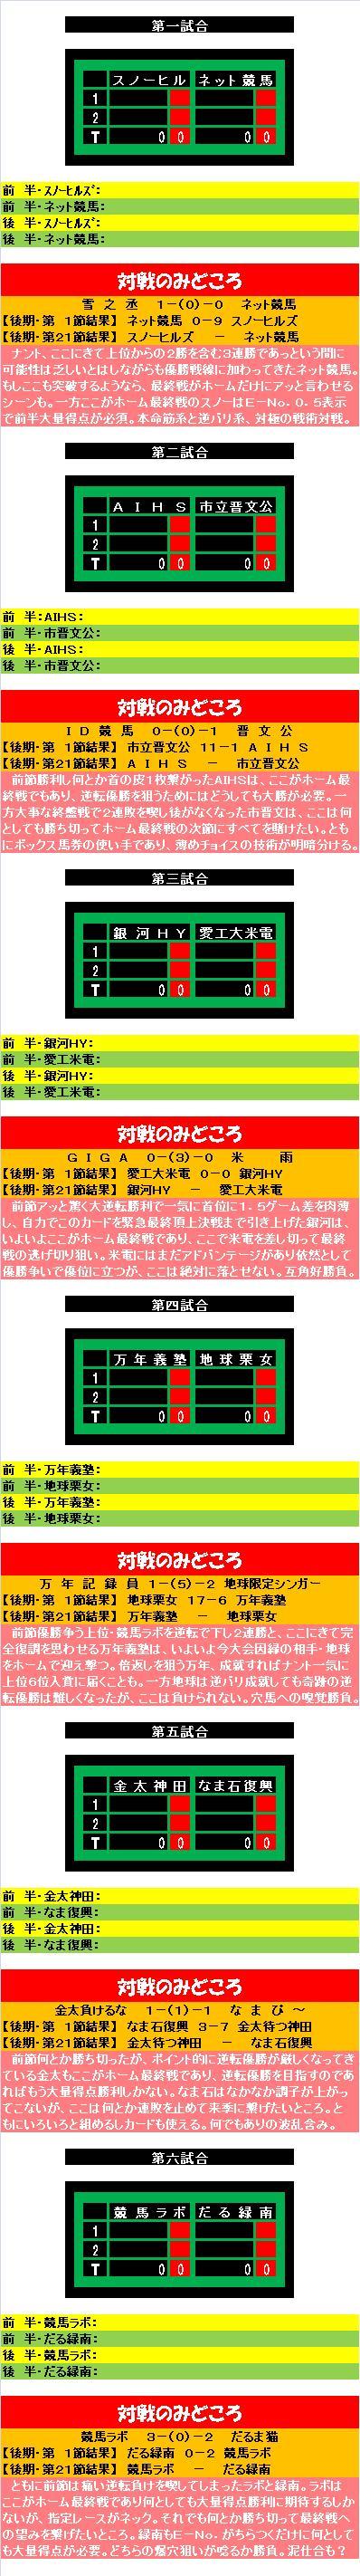 20150329・ダルマンリーグ第21節試合前見どころスコア③(通常版).jpg